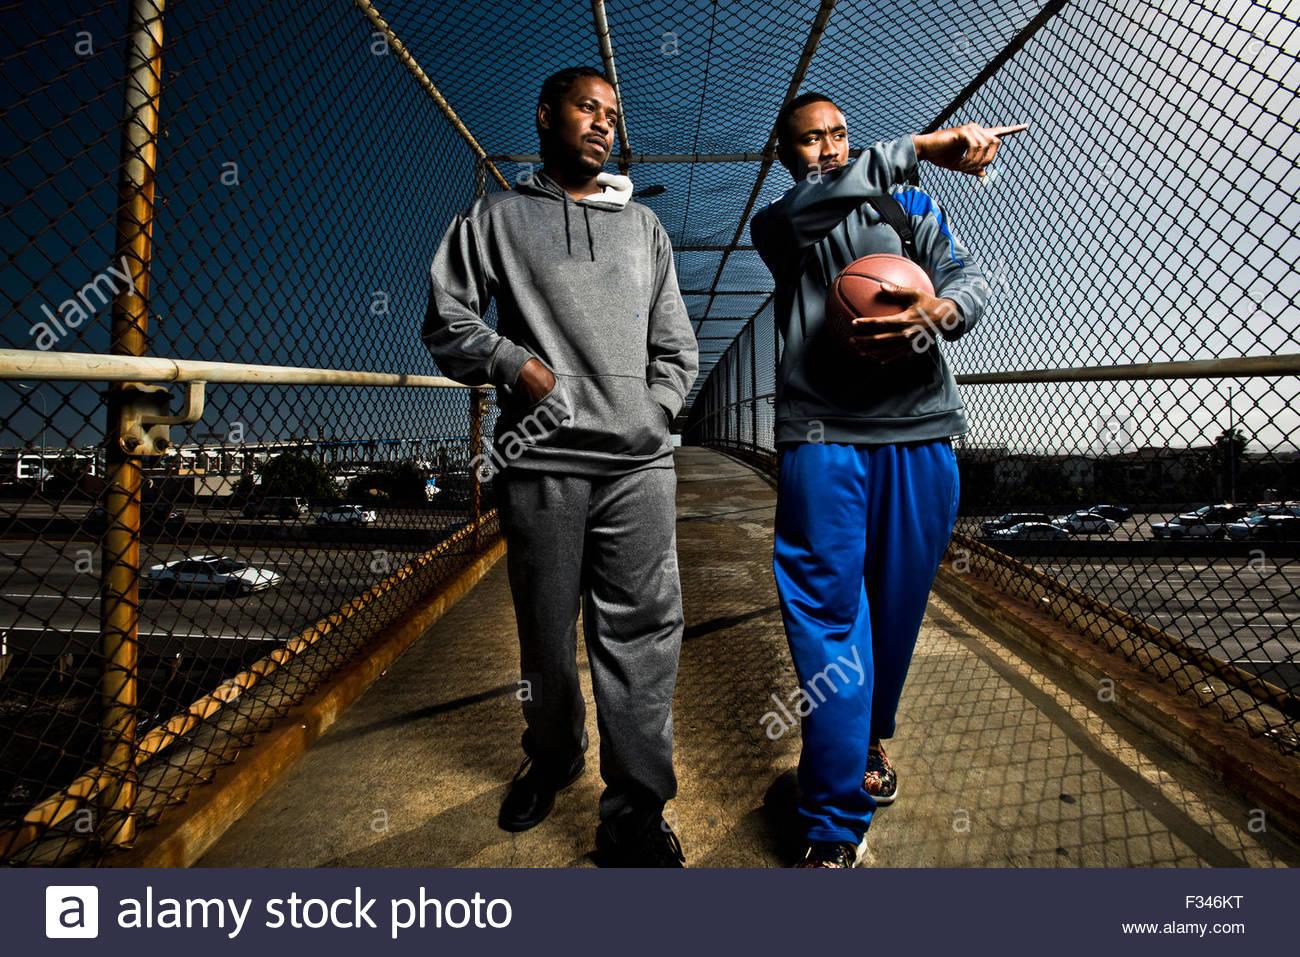 Zwei junge Männer schlendern mit einem Basketball. Stockbild